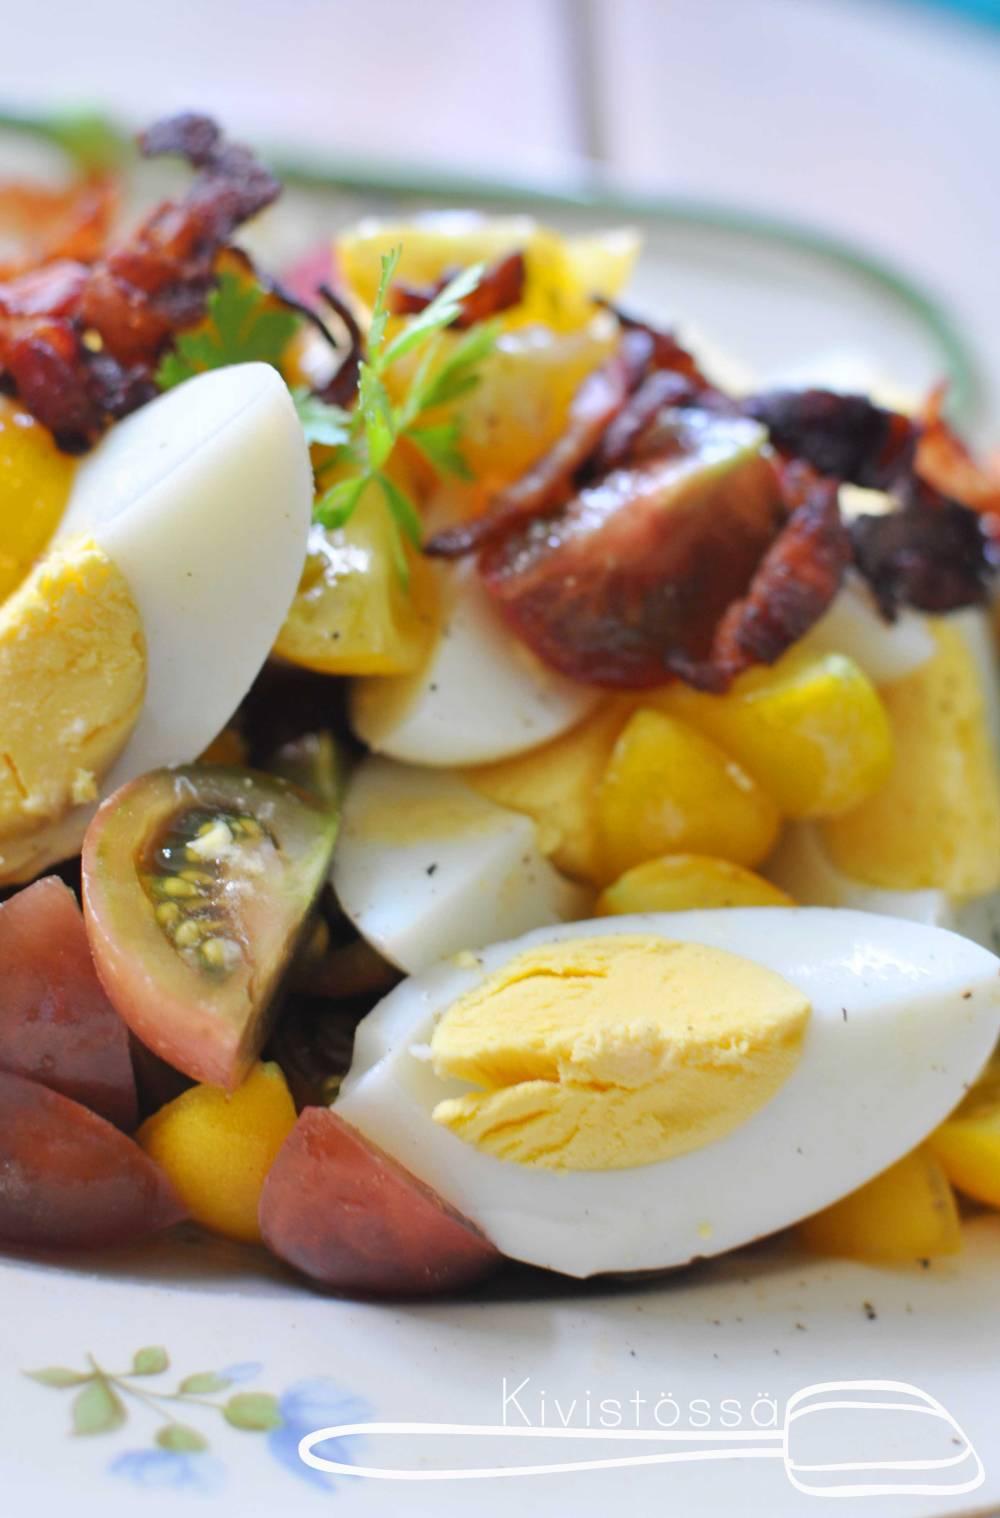 Breakfast-Eggsalad. Kivistössä blog